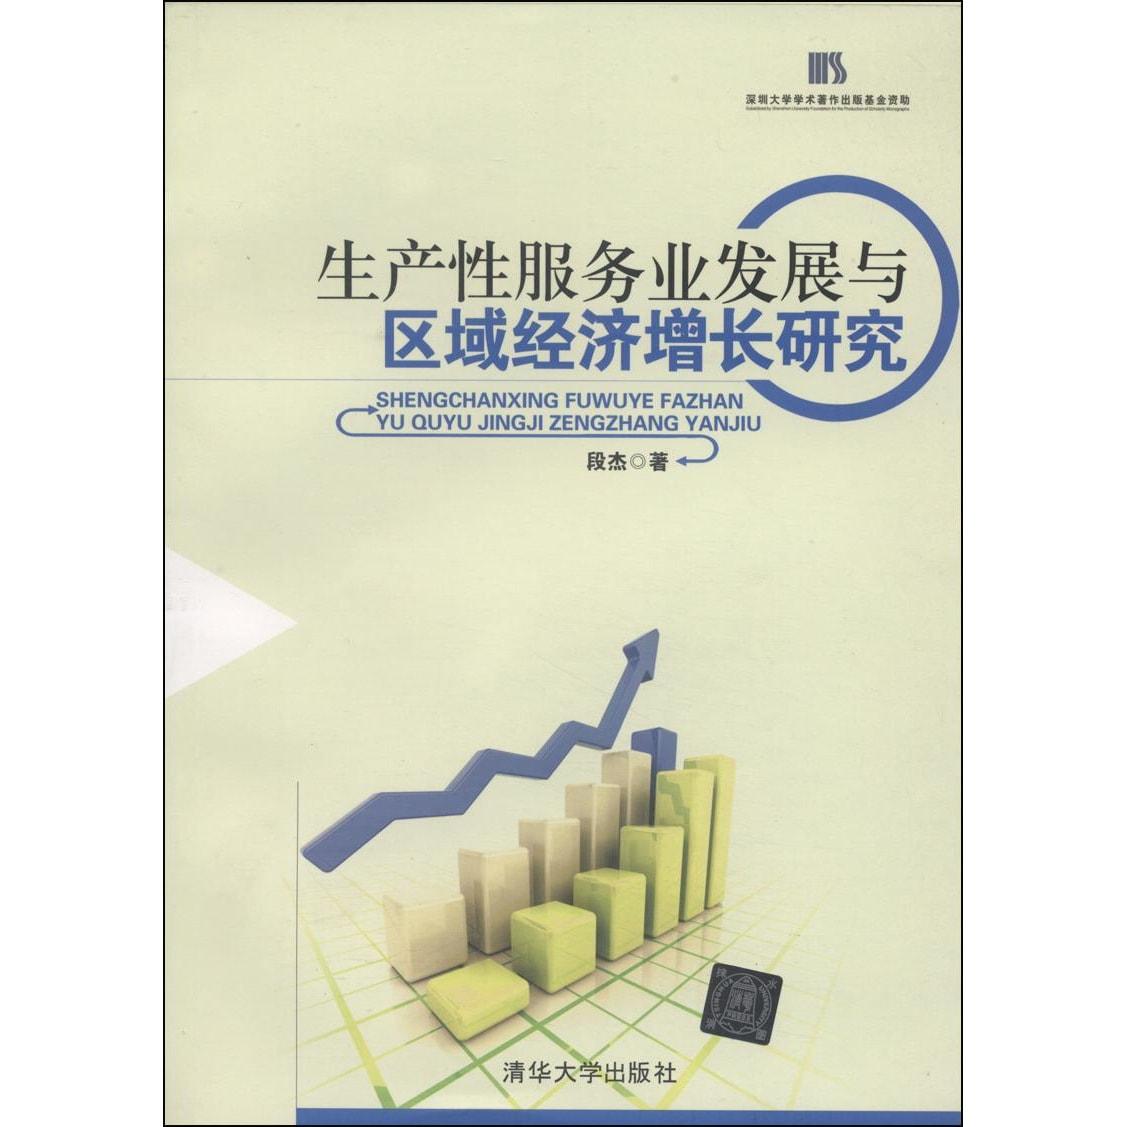 生产性服务业发展与区域经济增长研究 怎么样 - 亚米网